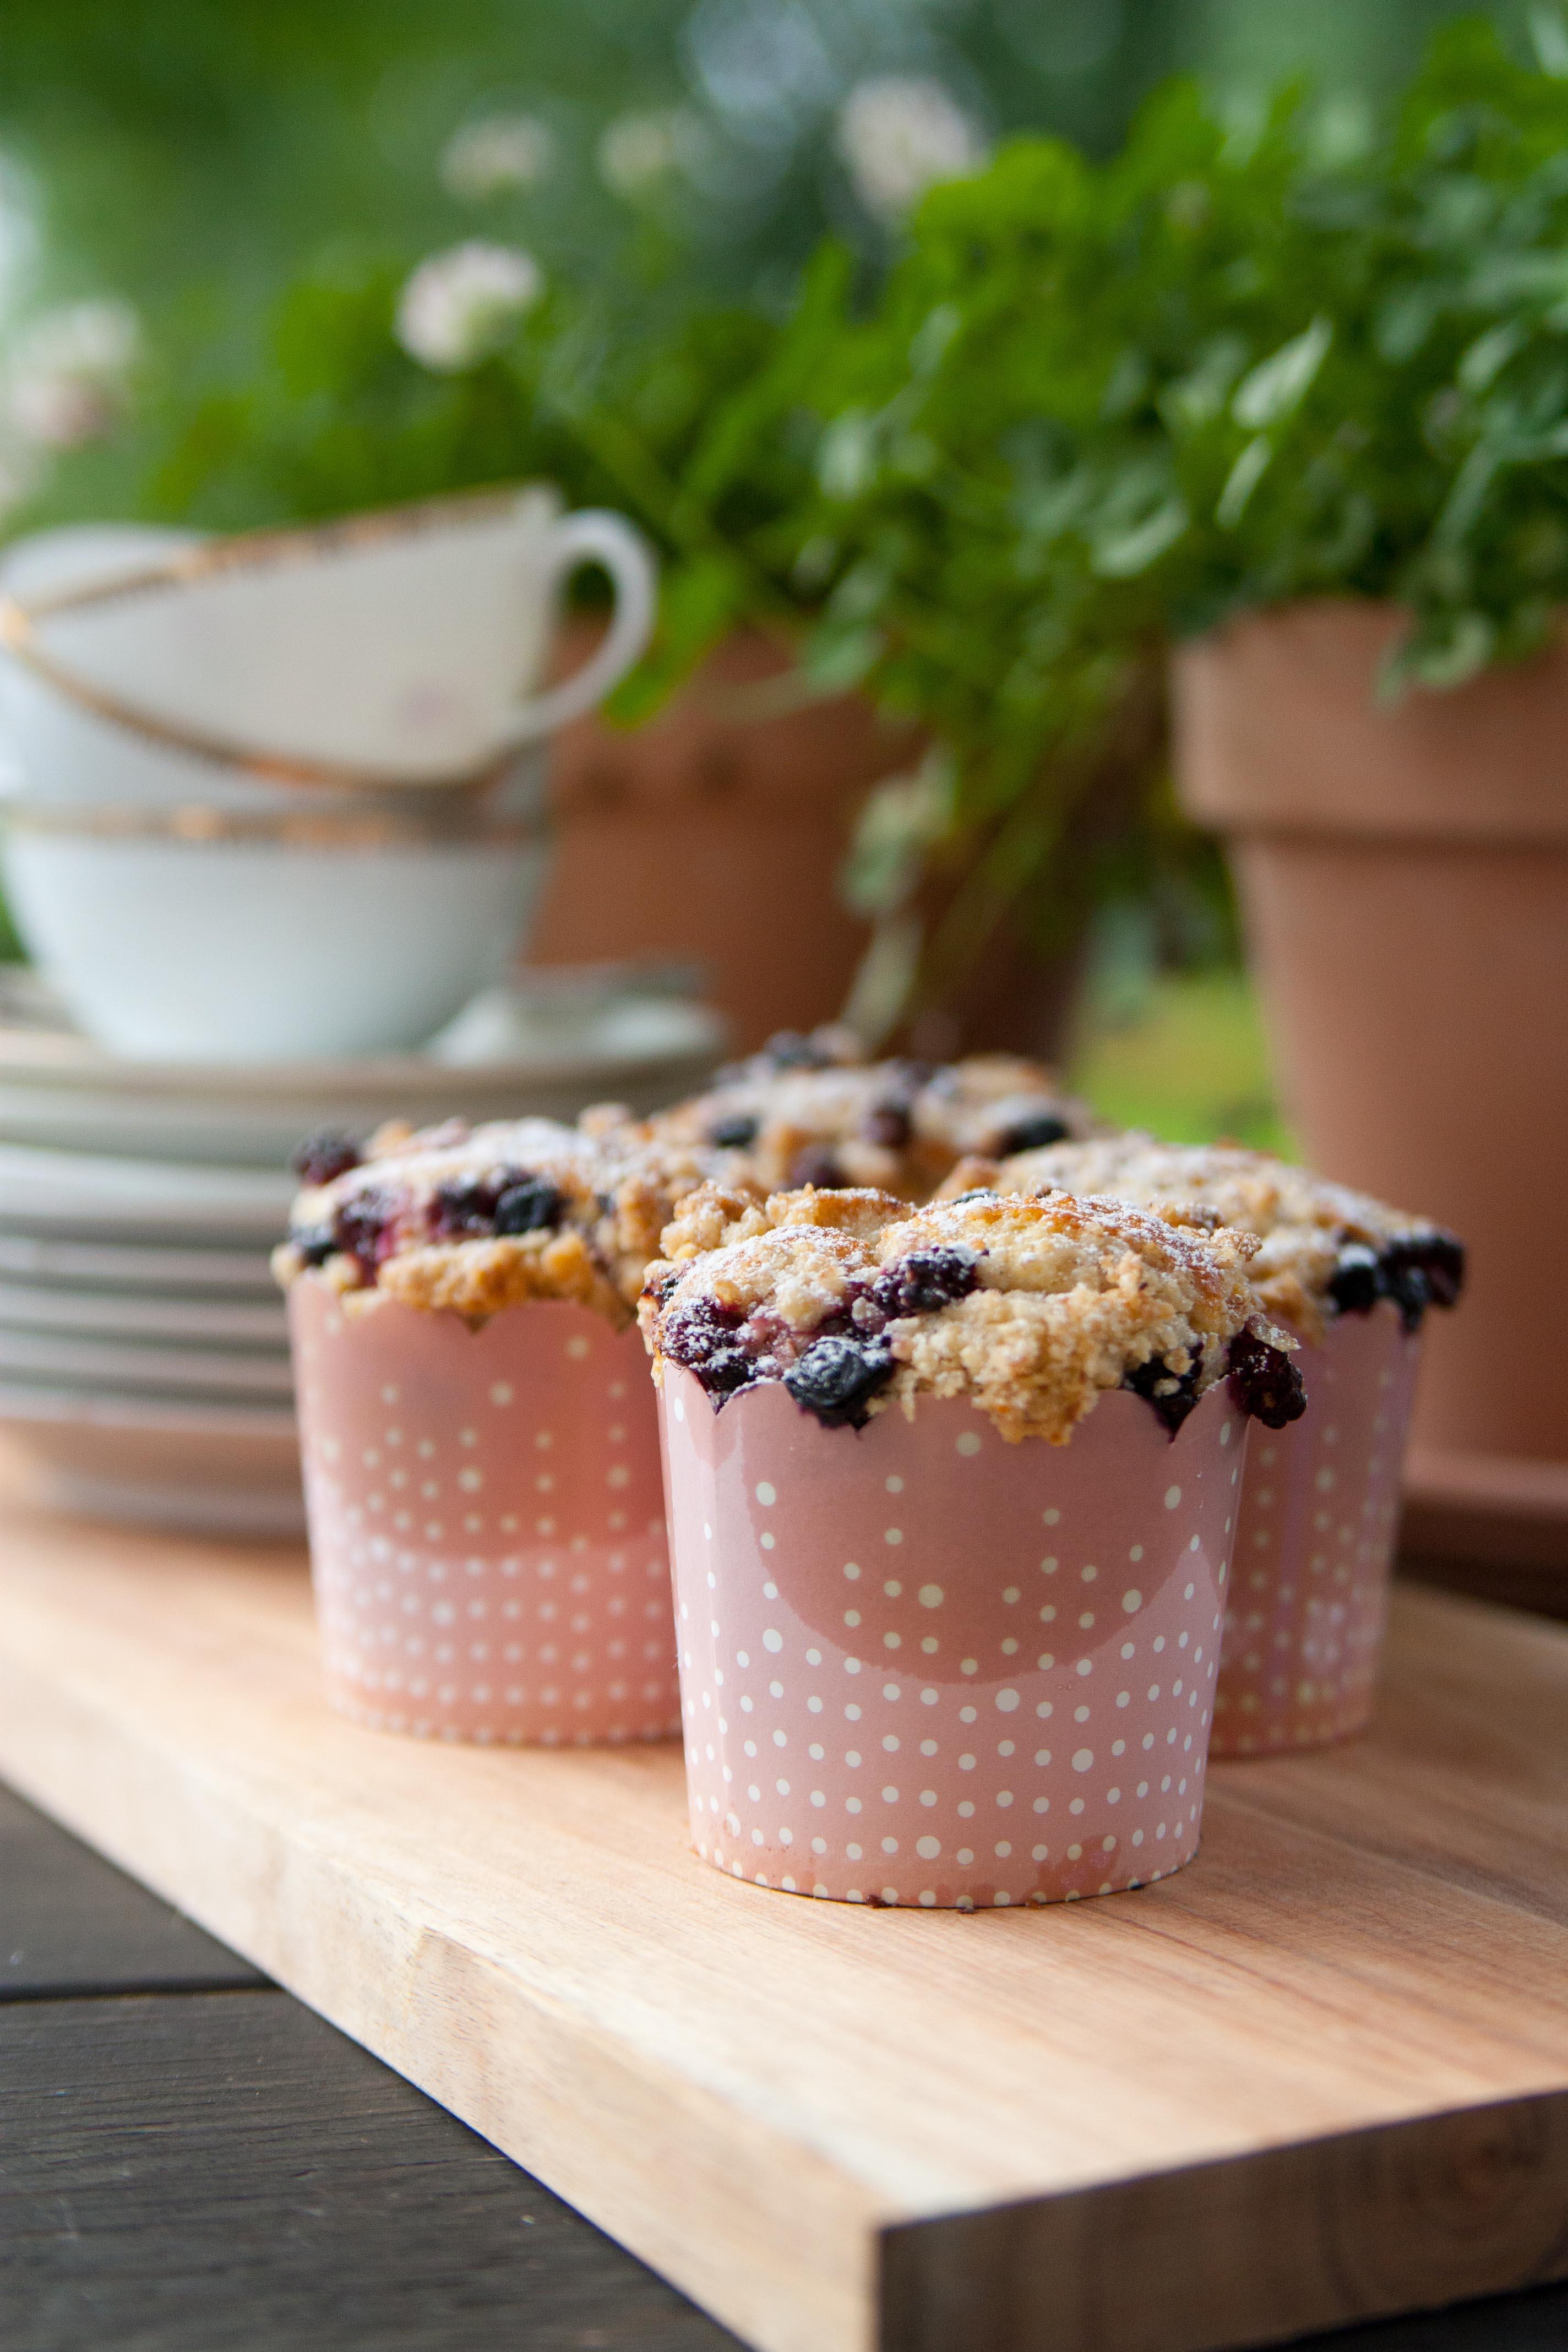 160714 Hallon och blåbärs muffins med crumble-6291